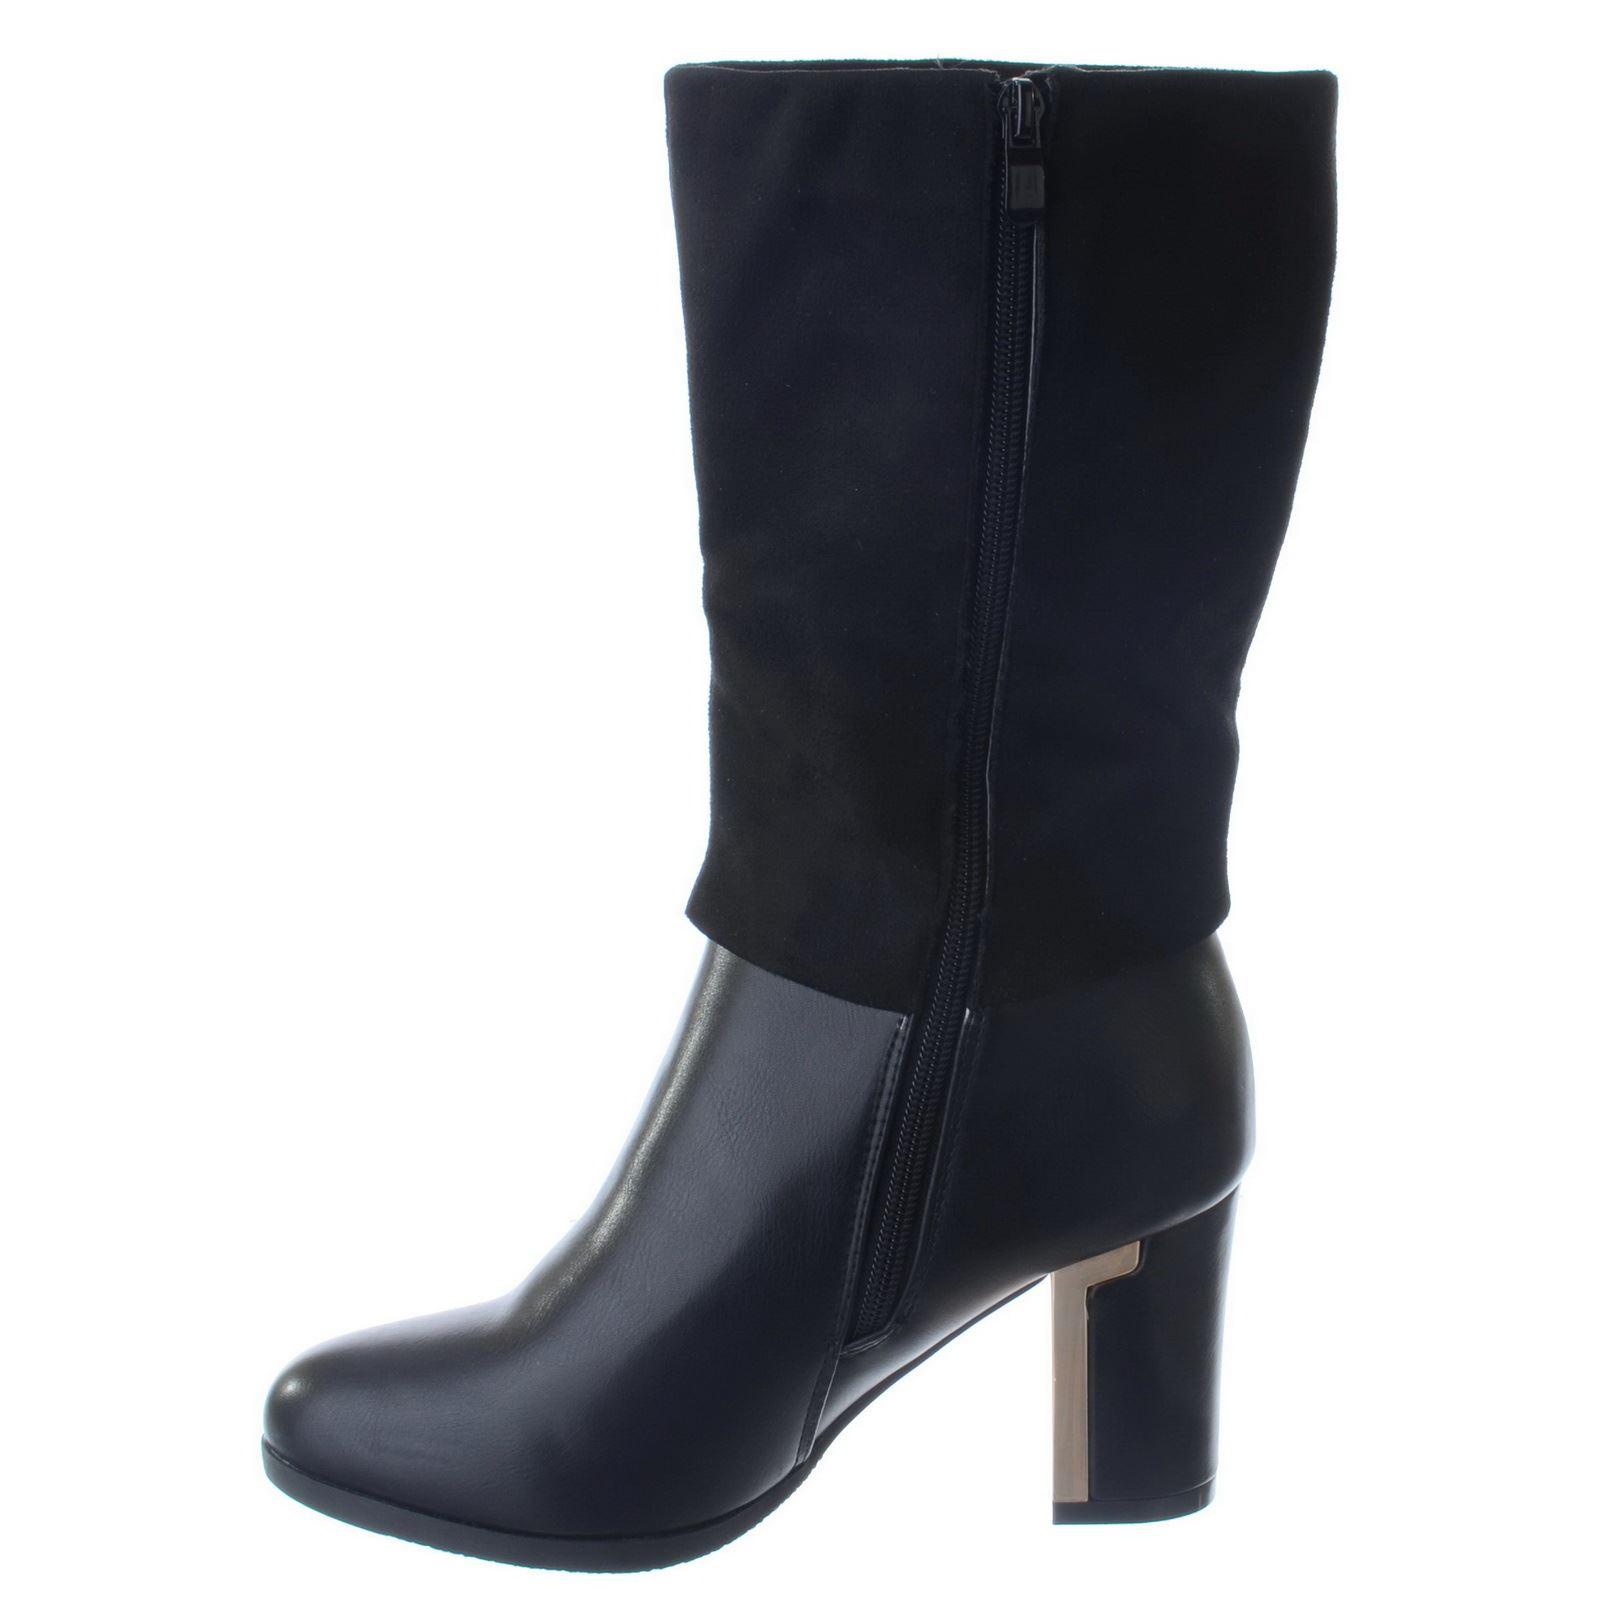 Zip bloc Suede dames Calf d'équitation Chaussures Noir Bottes Taille Up Leather Mid Nouvelles femmes Diamante Faux talon aEHxTwHIpq